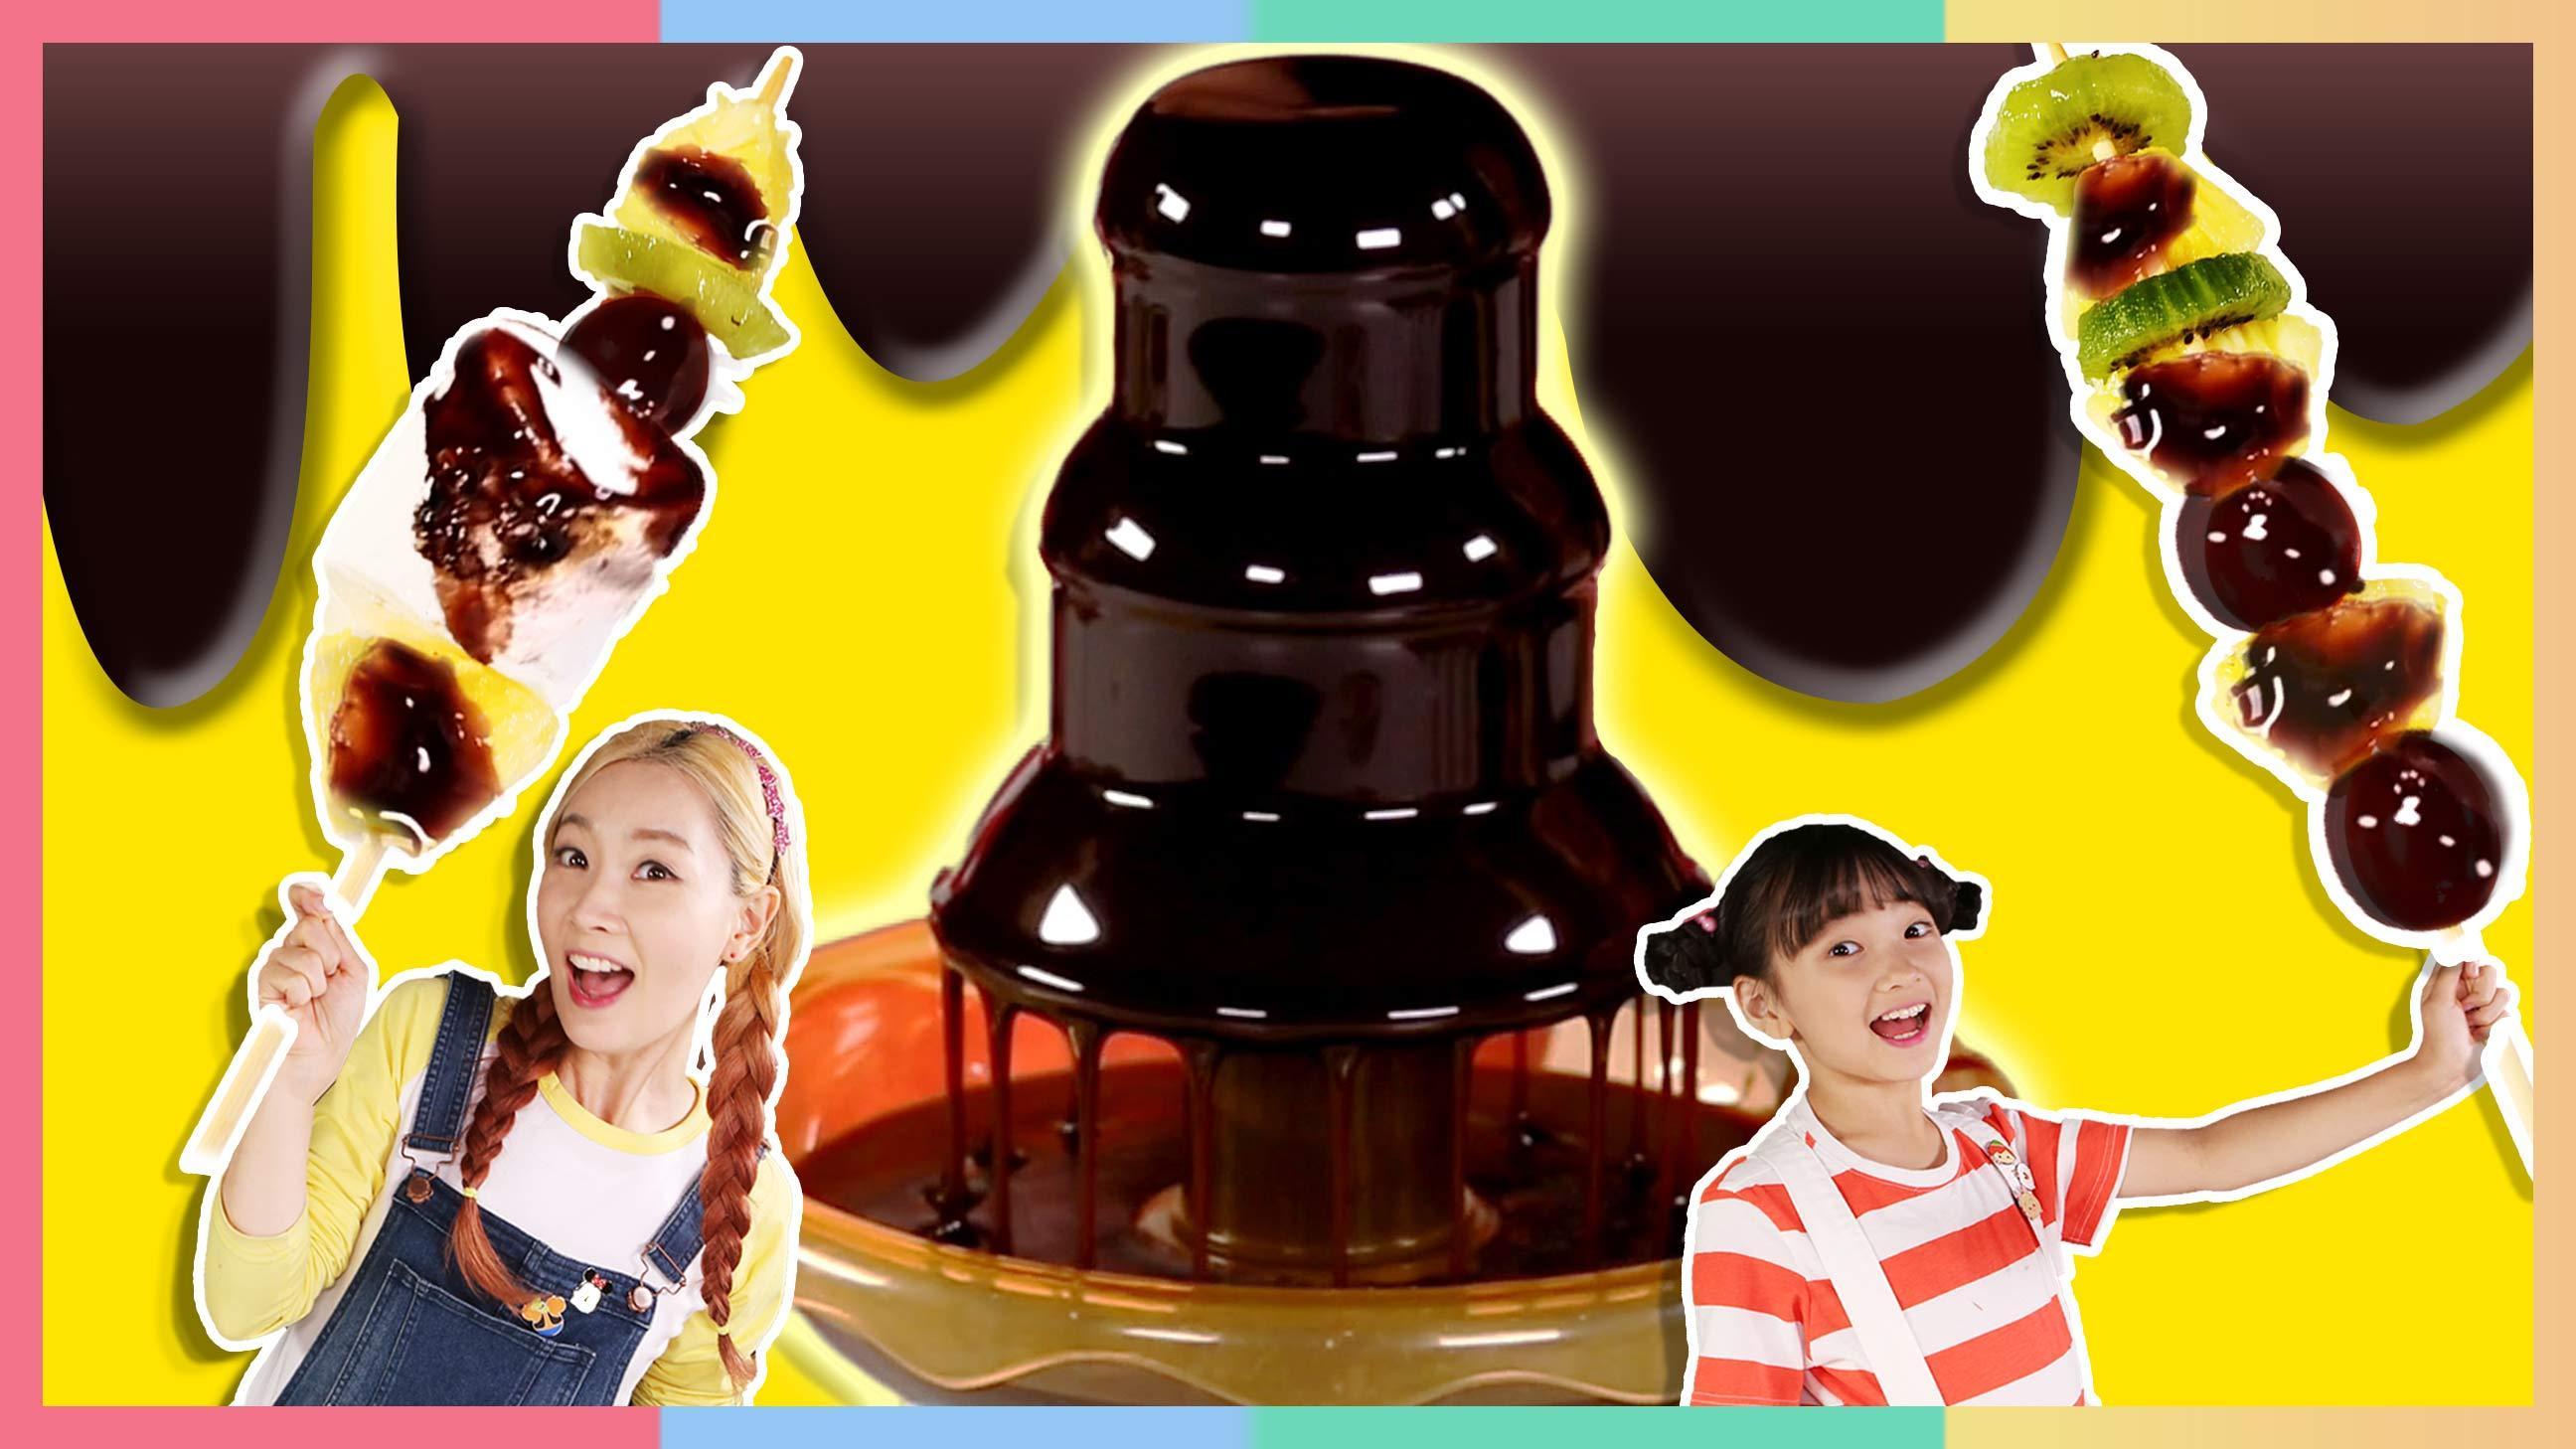 超级奶酪巧克力火锅~一起给小豆子过生日吧   凯利和玩具朋友们 CarrieAndToys